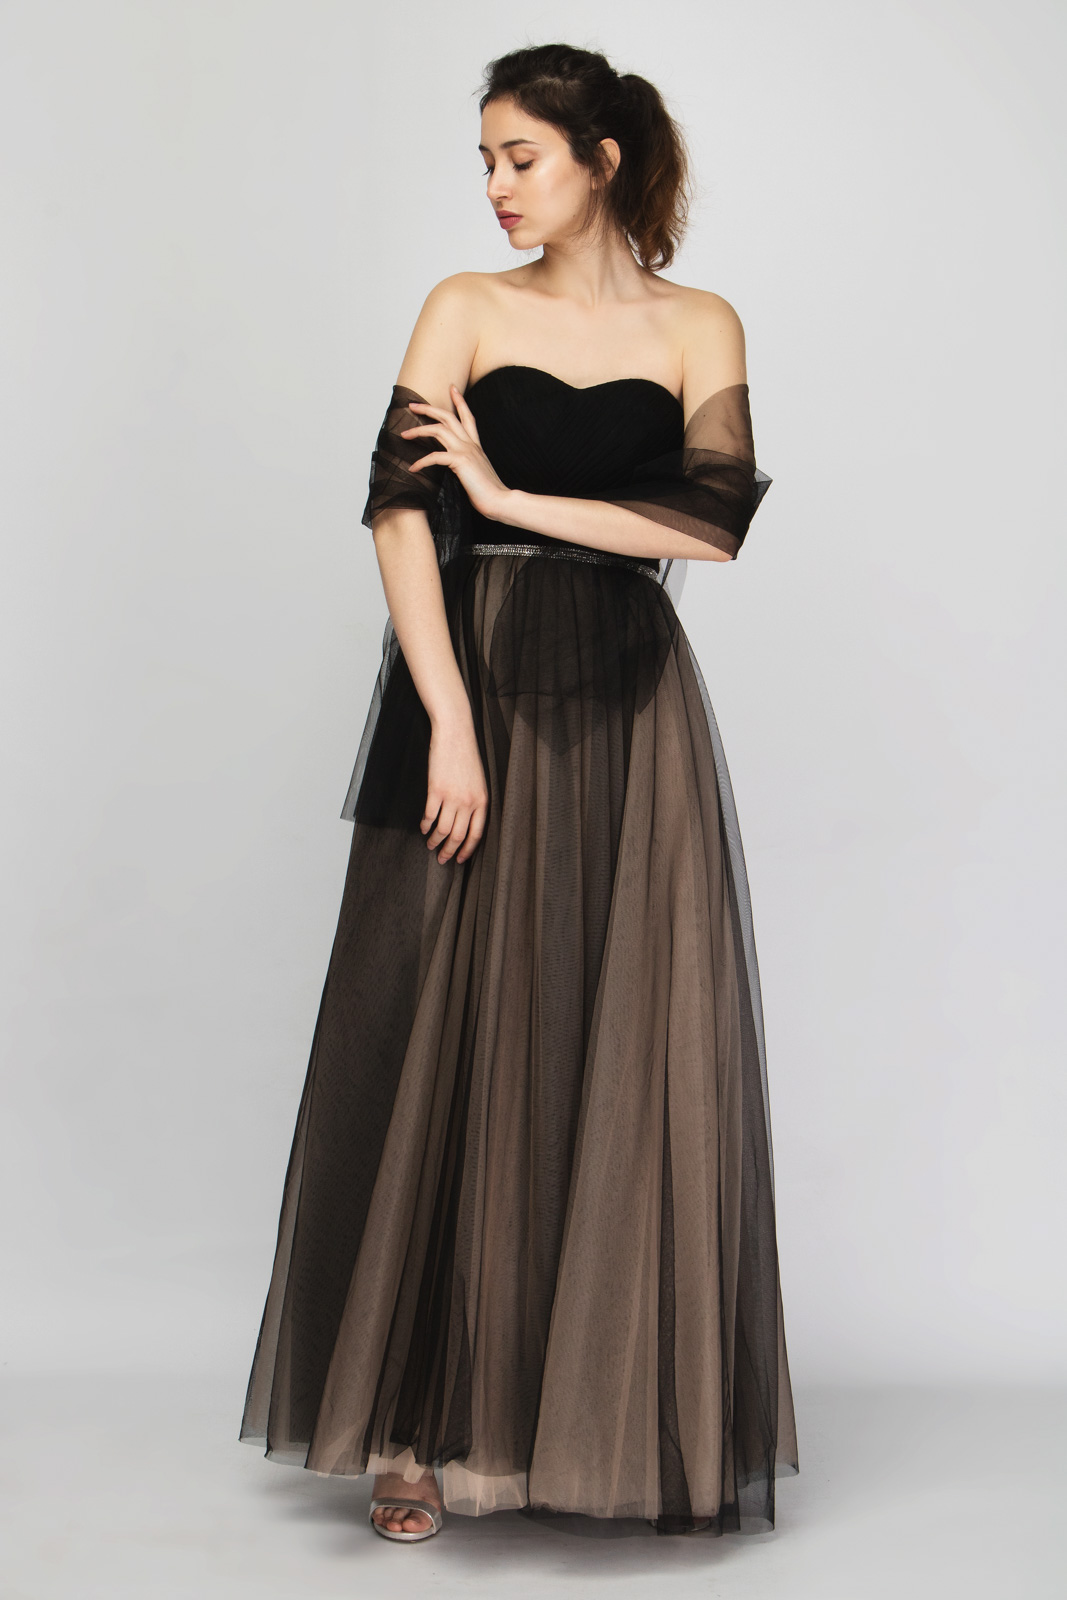 c54705a6e2d9 Μάξι Φόρεμα Στράπλες με Εσάρπα